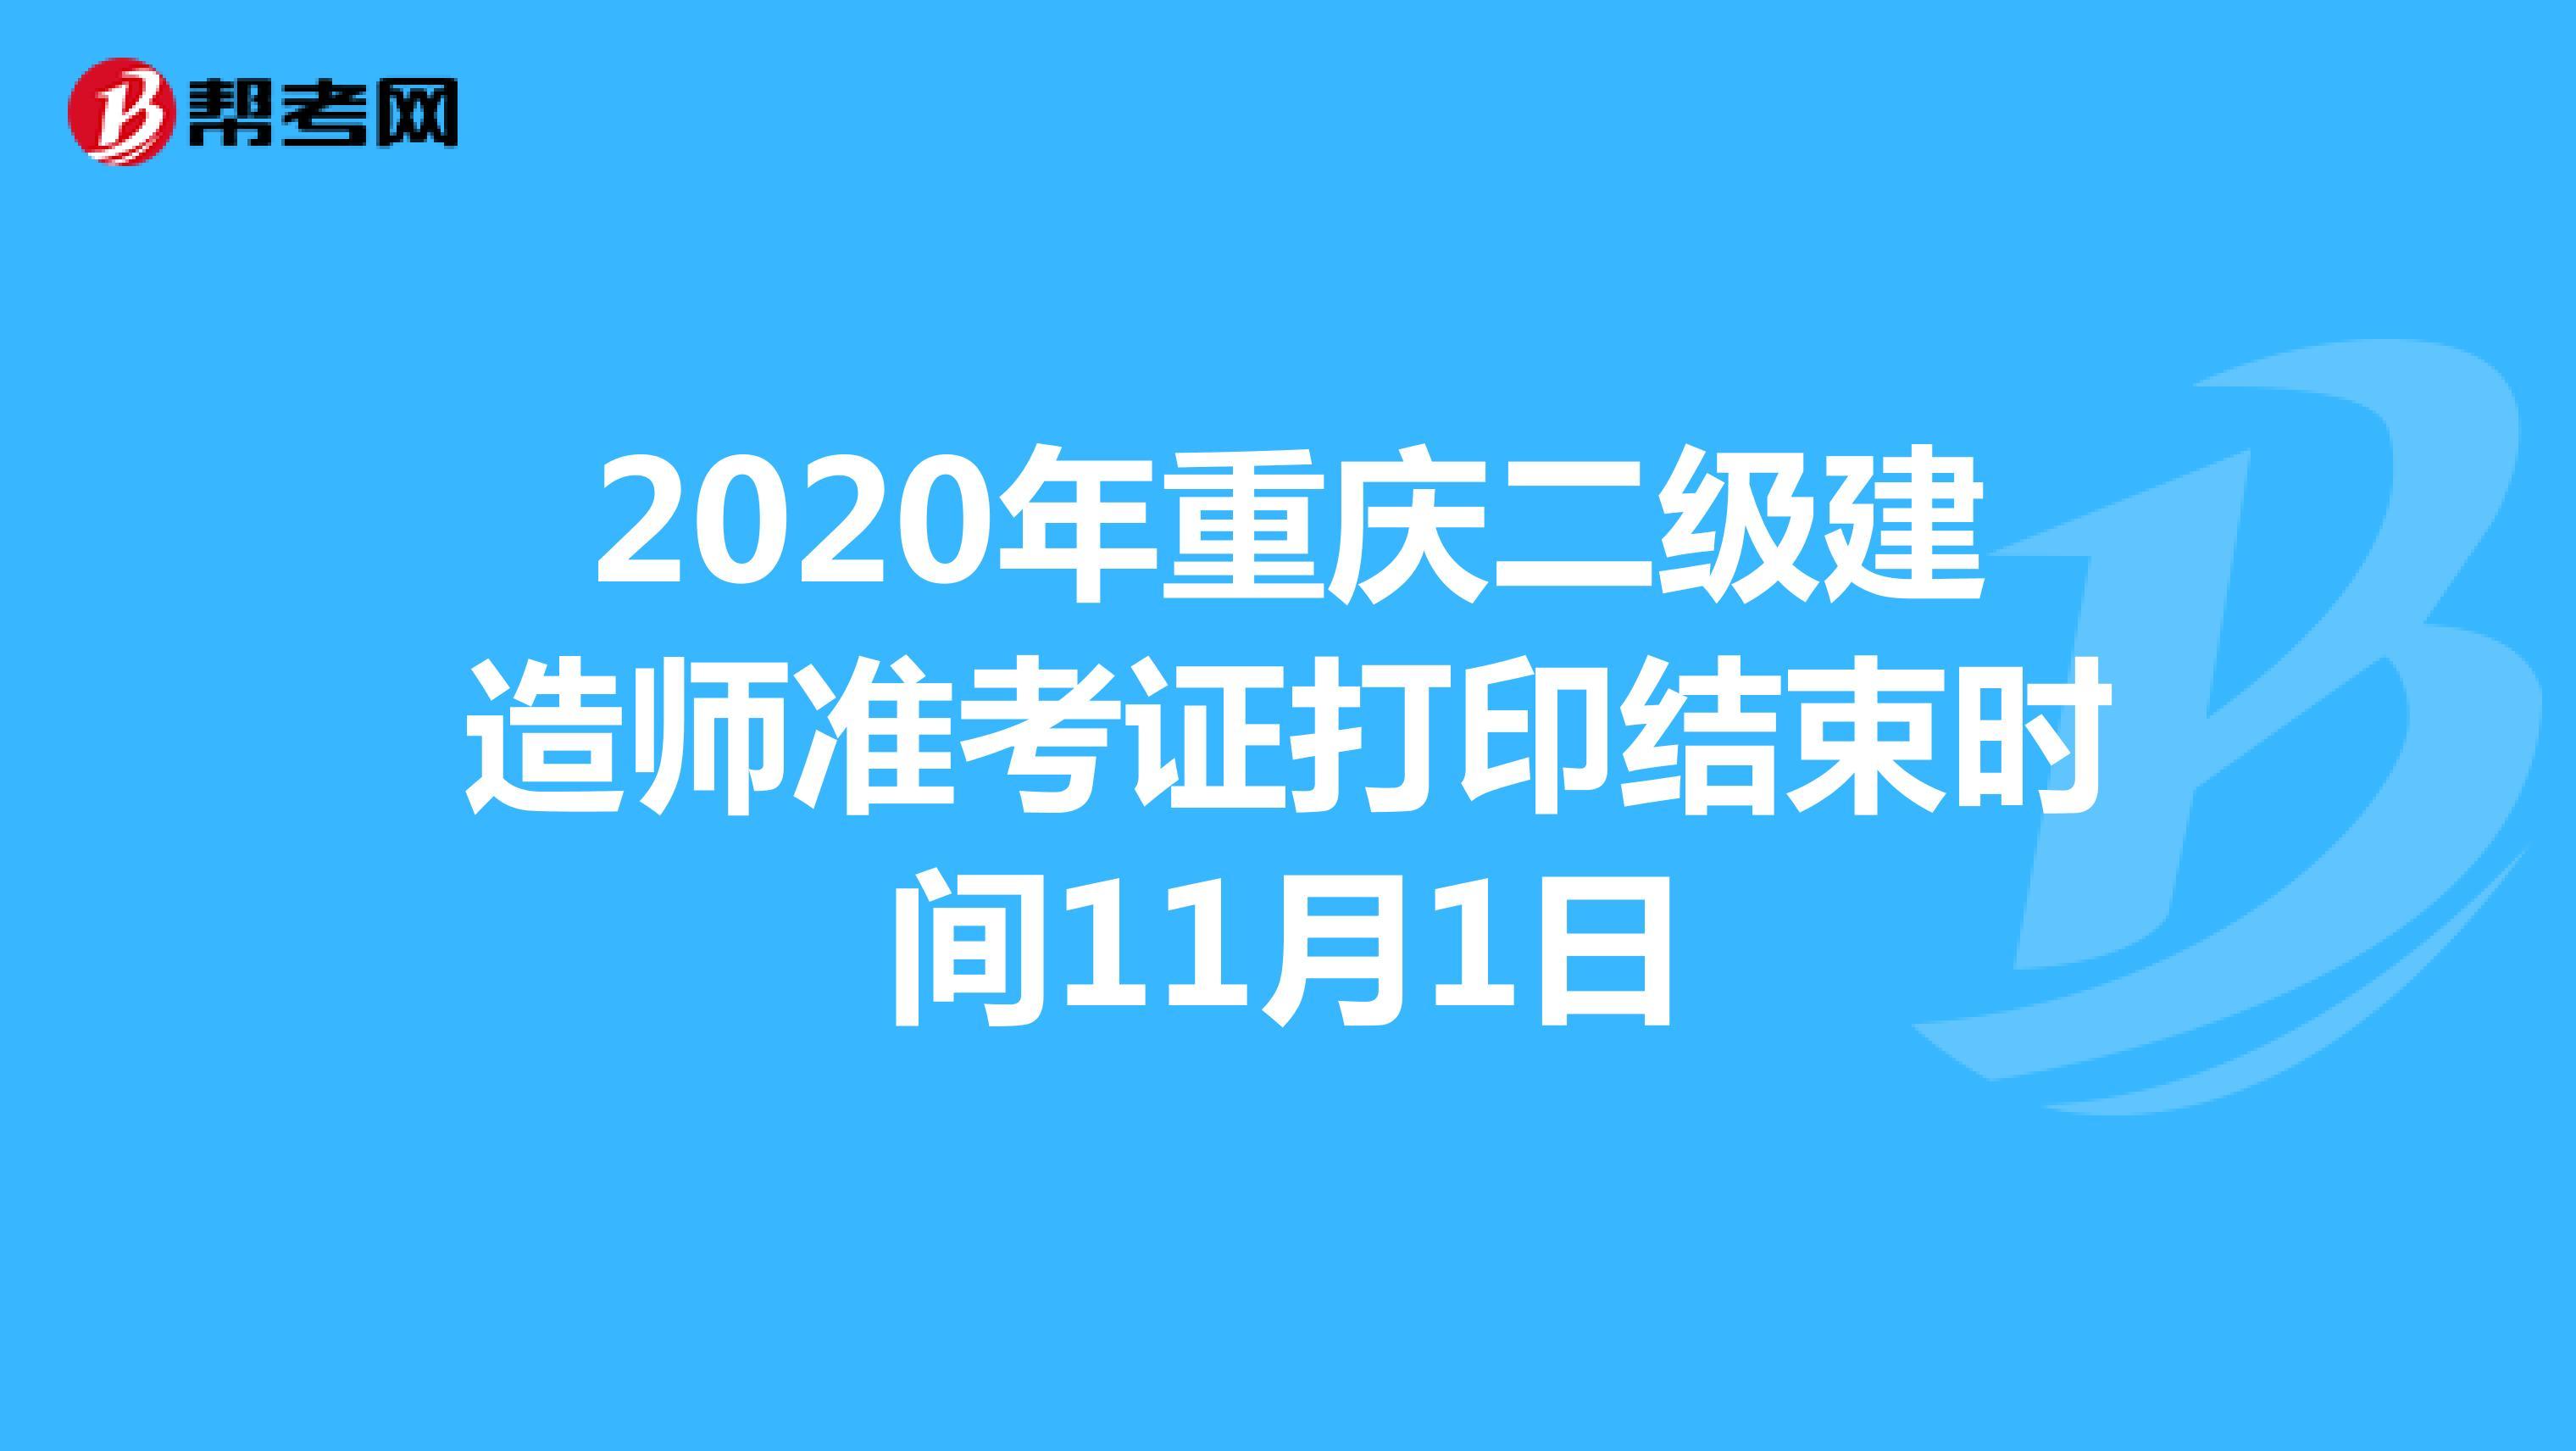 2020年重庆二级建造师准考证打印结束时间11月1日